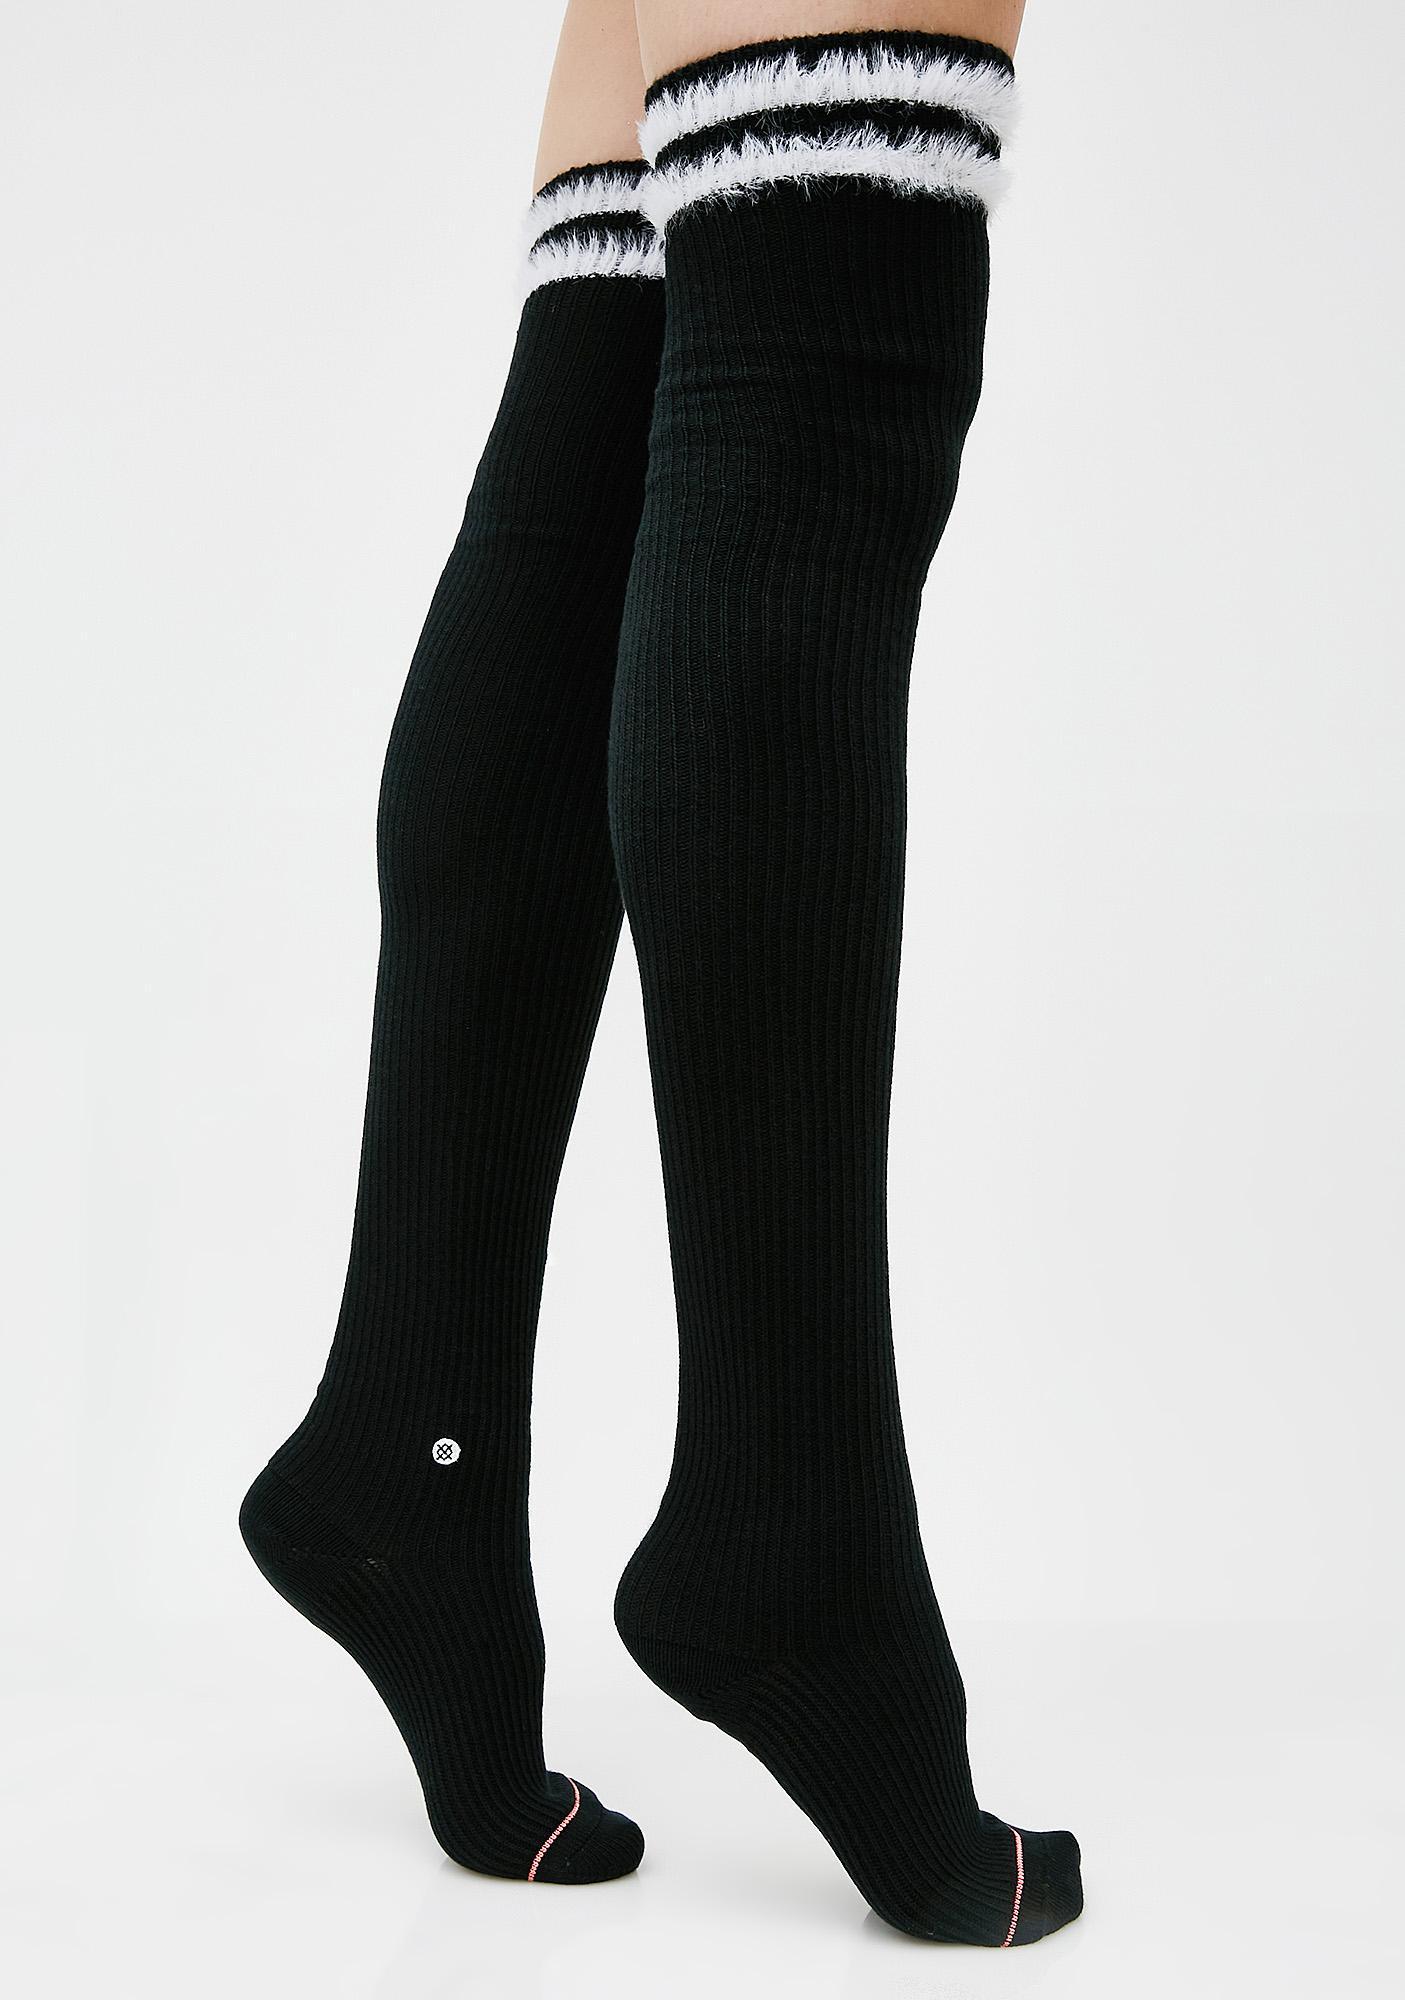 Stance Ink Fur Fatale Socks